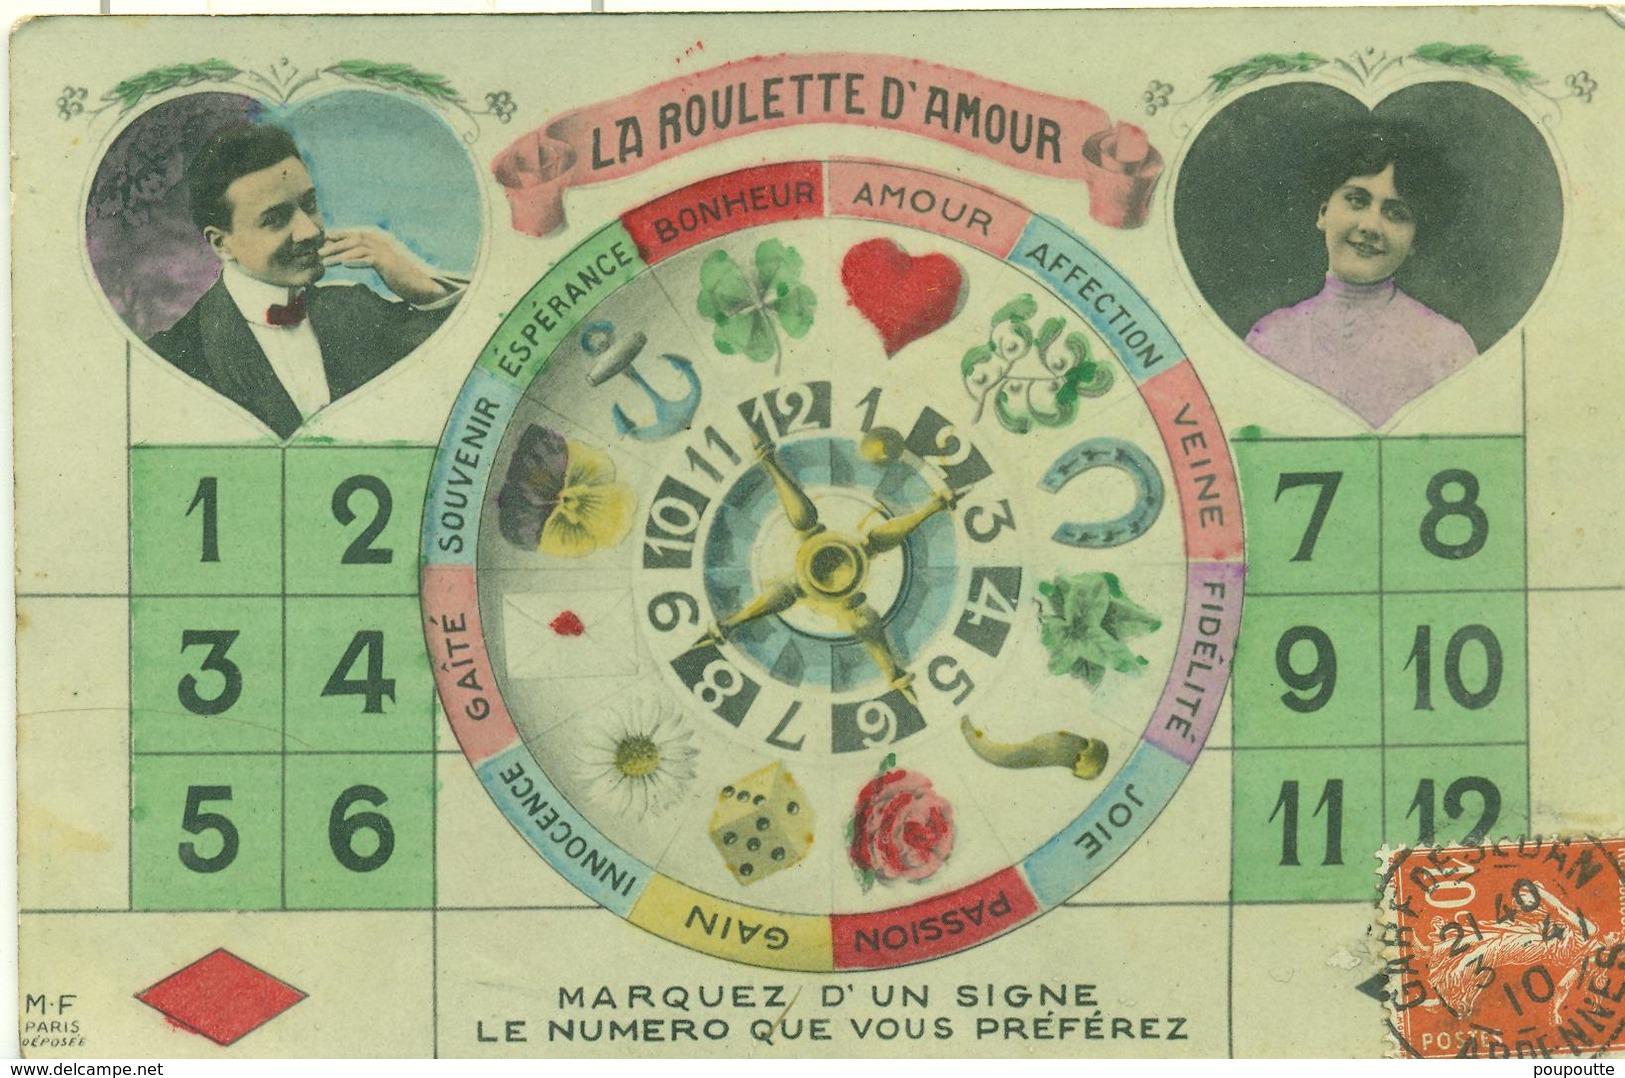 LA ROULETTE D'AMOUR. - Fantasie